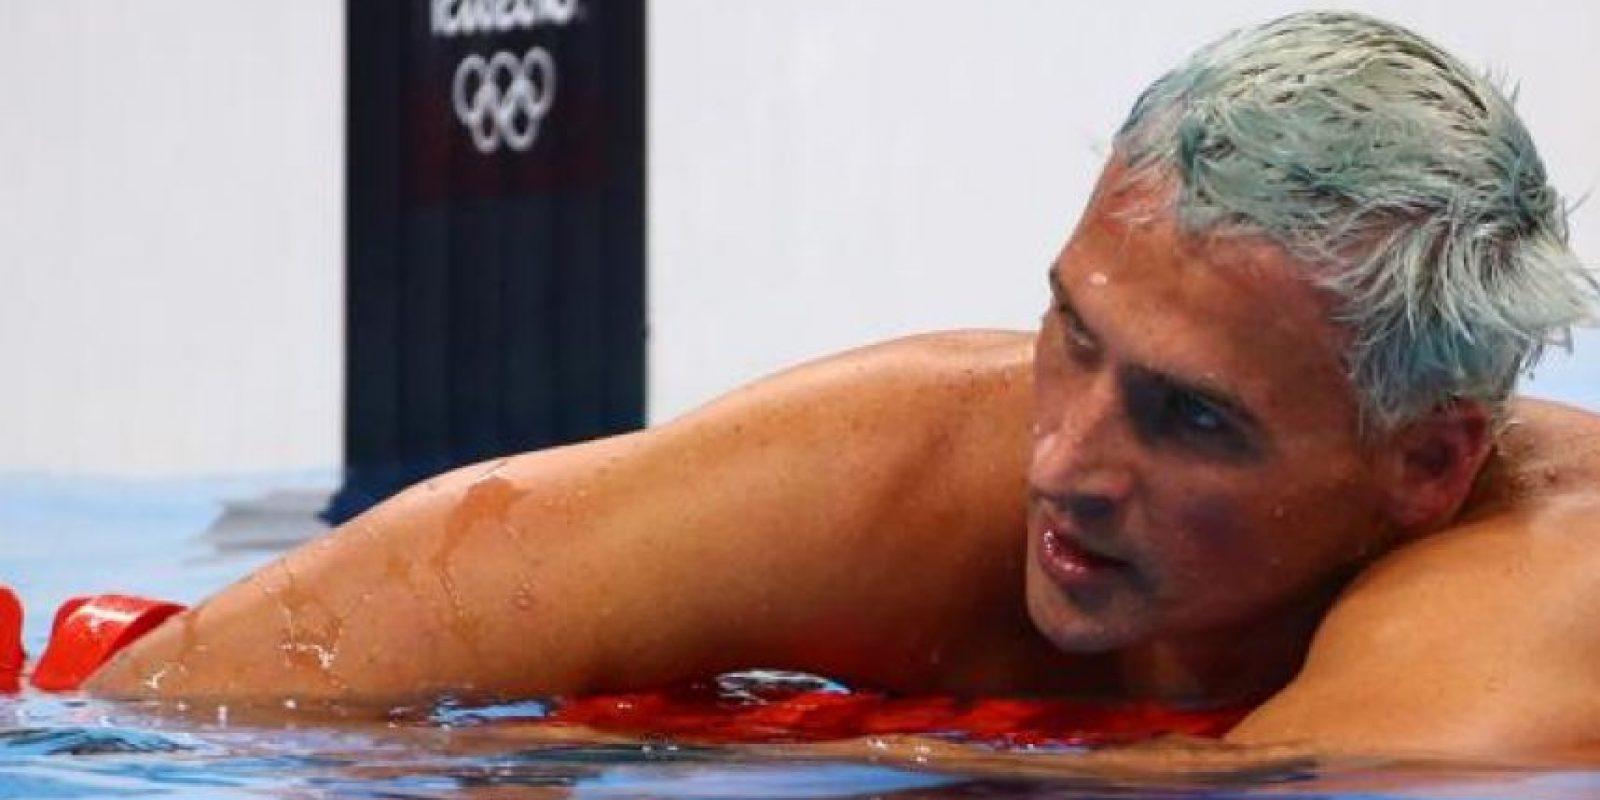 El nadador estadounidense Ryan Lochte se tiño el pelo plateado para las competencias de natación. Lochte ganó una medalla de oro junto a Michael Phelps.